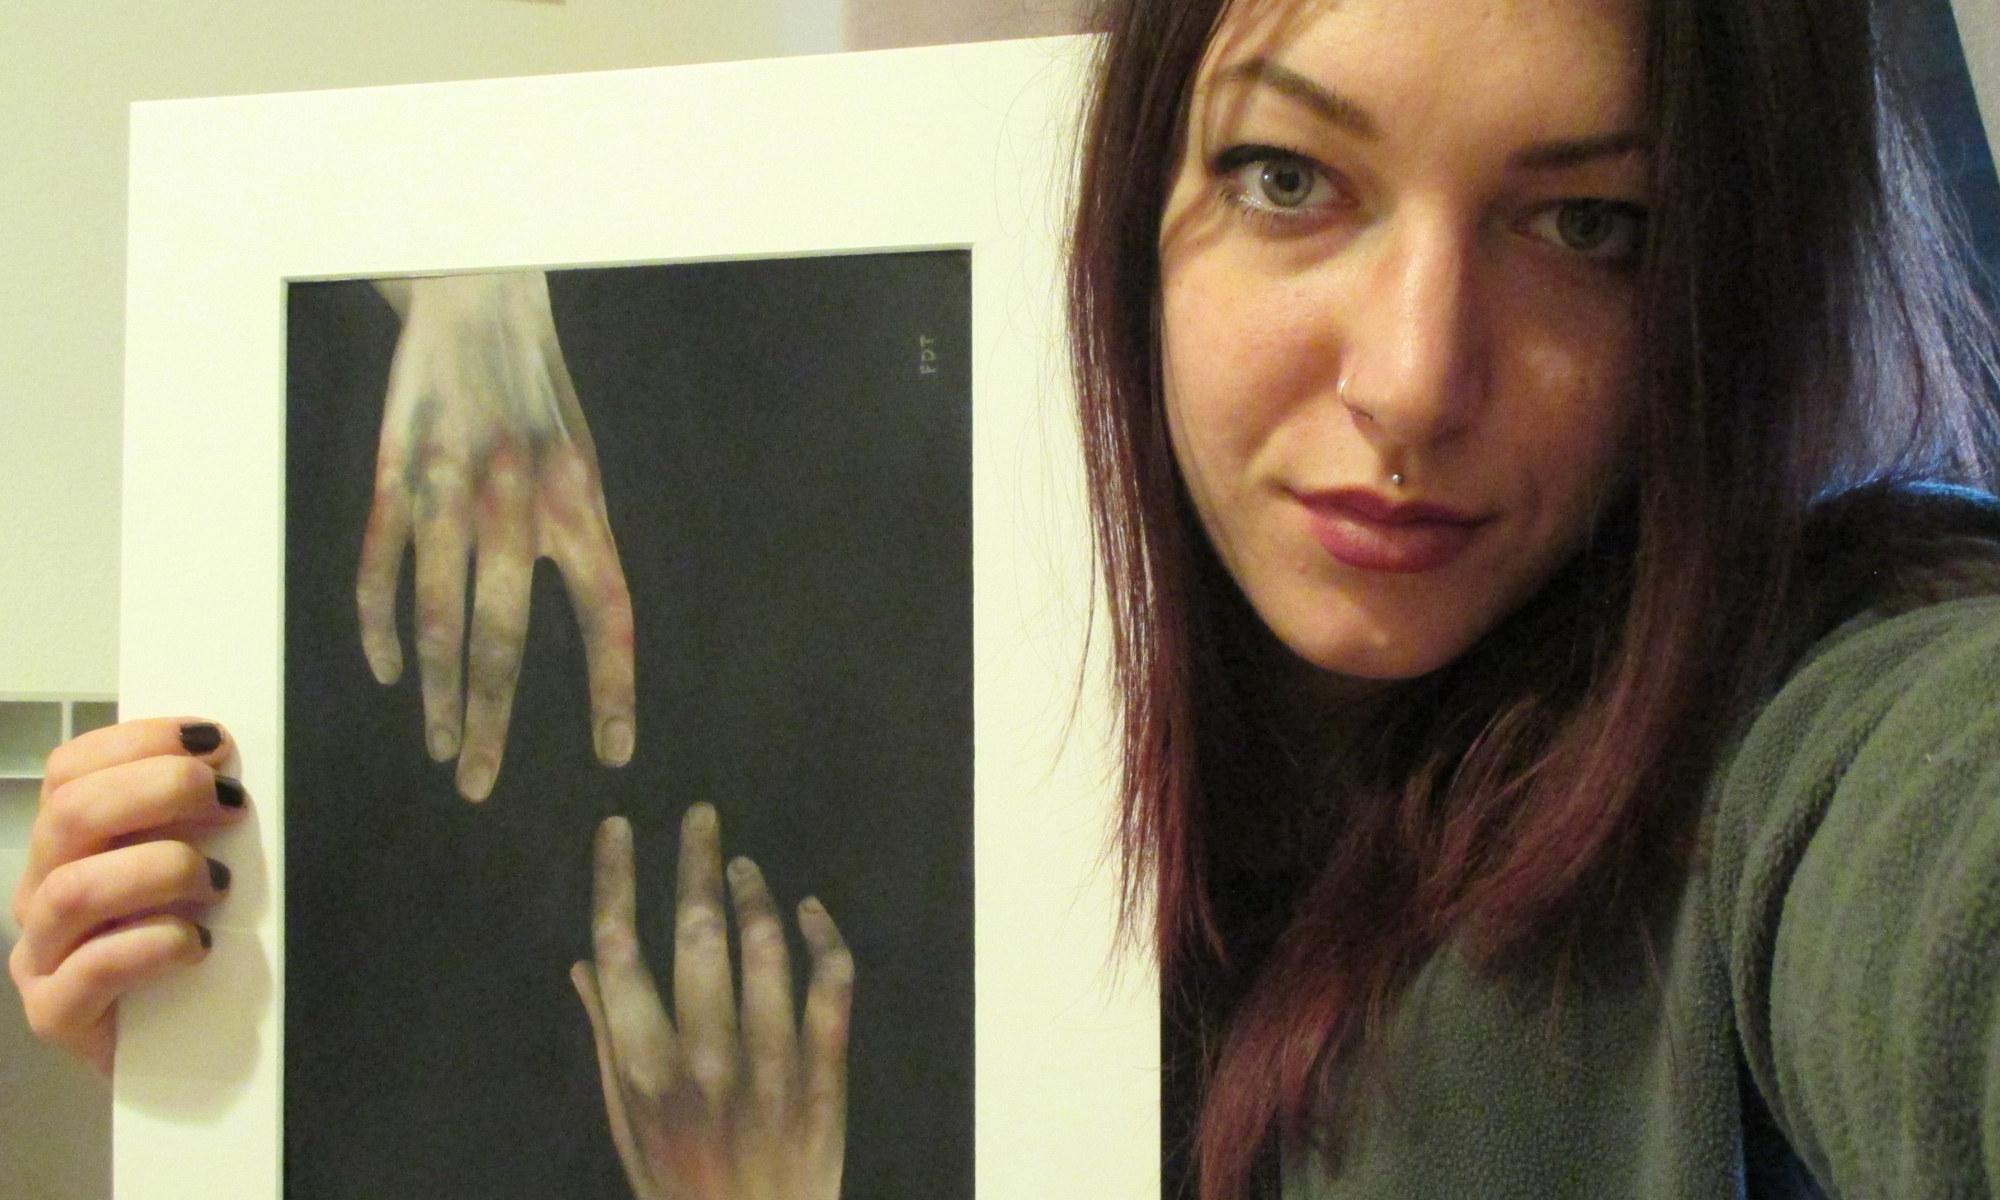 """Francesca Dei Turbe - Pittrice """"L'arte è il mio strumento per aprire le porte dell'ignoto che mi disturba. Attraverso il disegno, le sfumature, la polvere, rendo comprensibili gli stati d'animo, mi lascio andare, mi sento libera."""""""